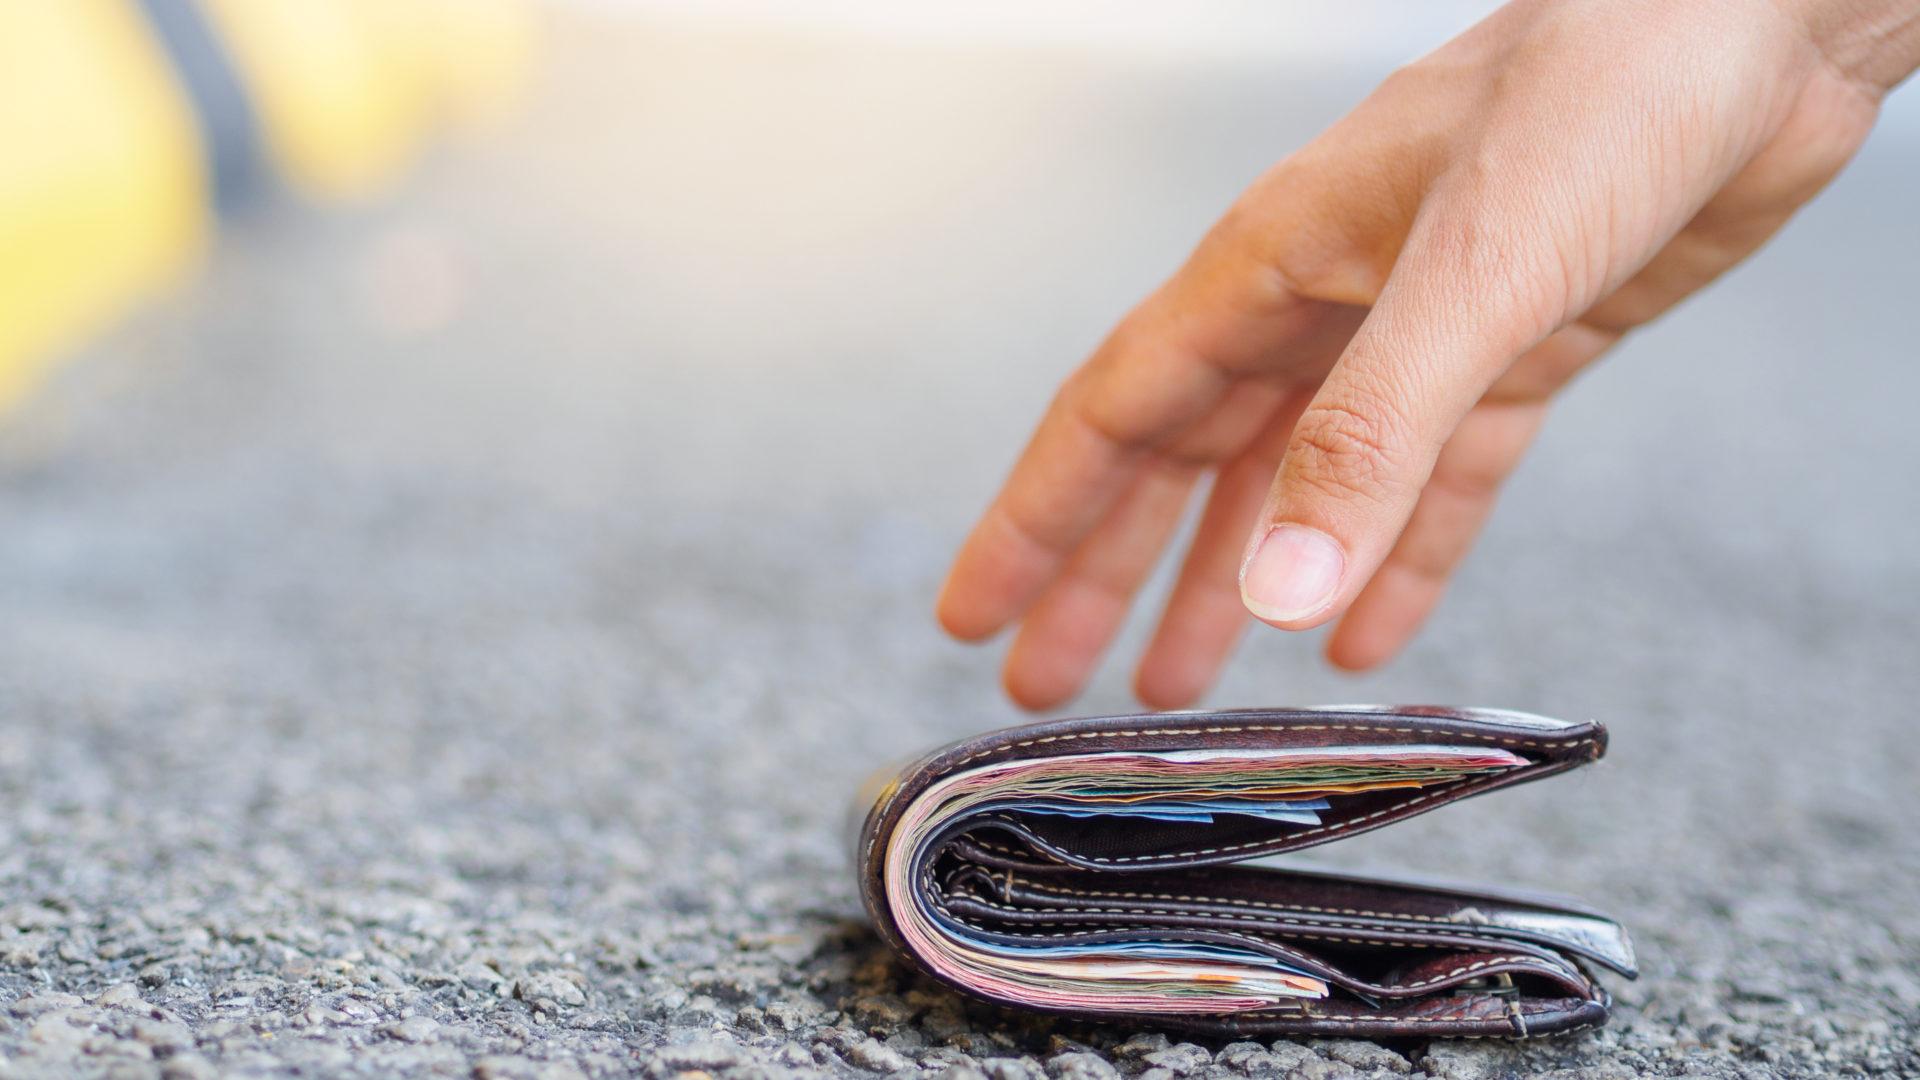 Sillä on väliä, missä maassa lompakkonsa hukkaa, mikäli sen mielii takaisin.